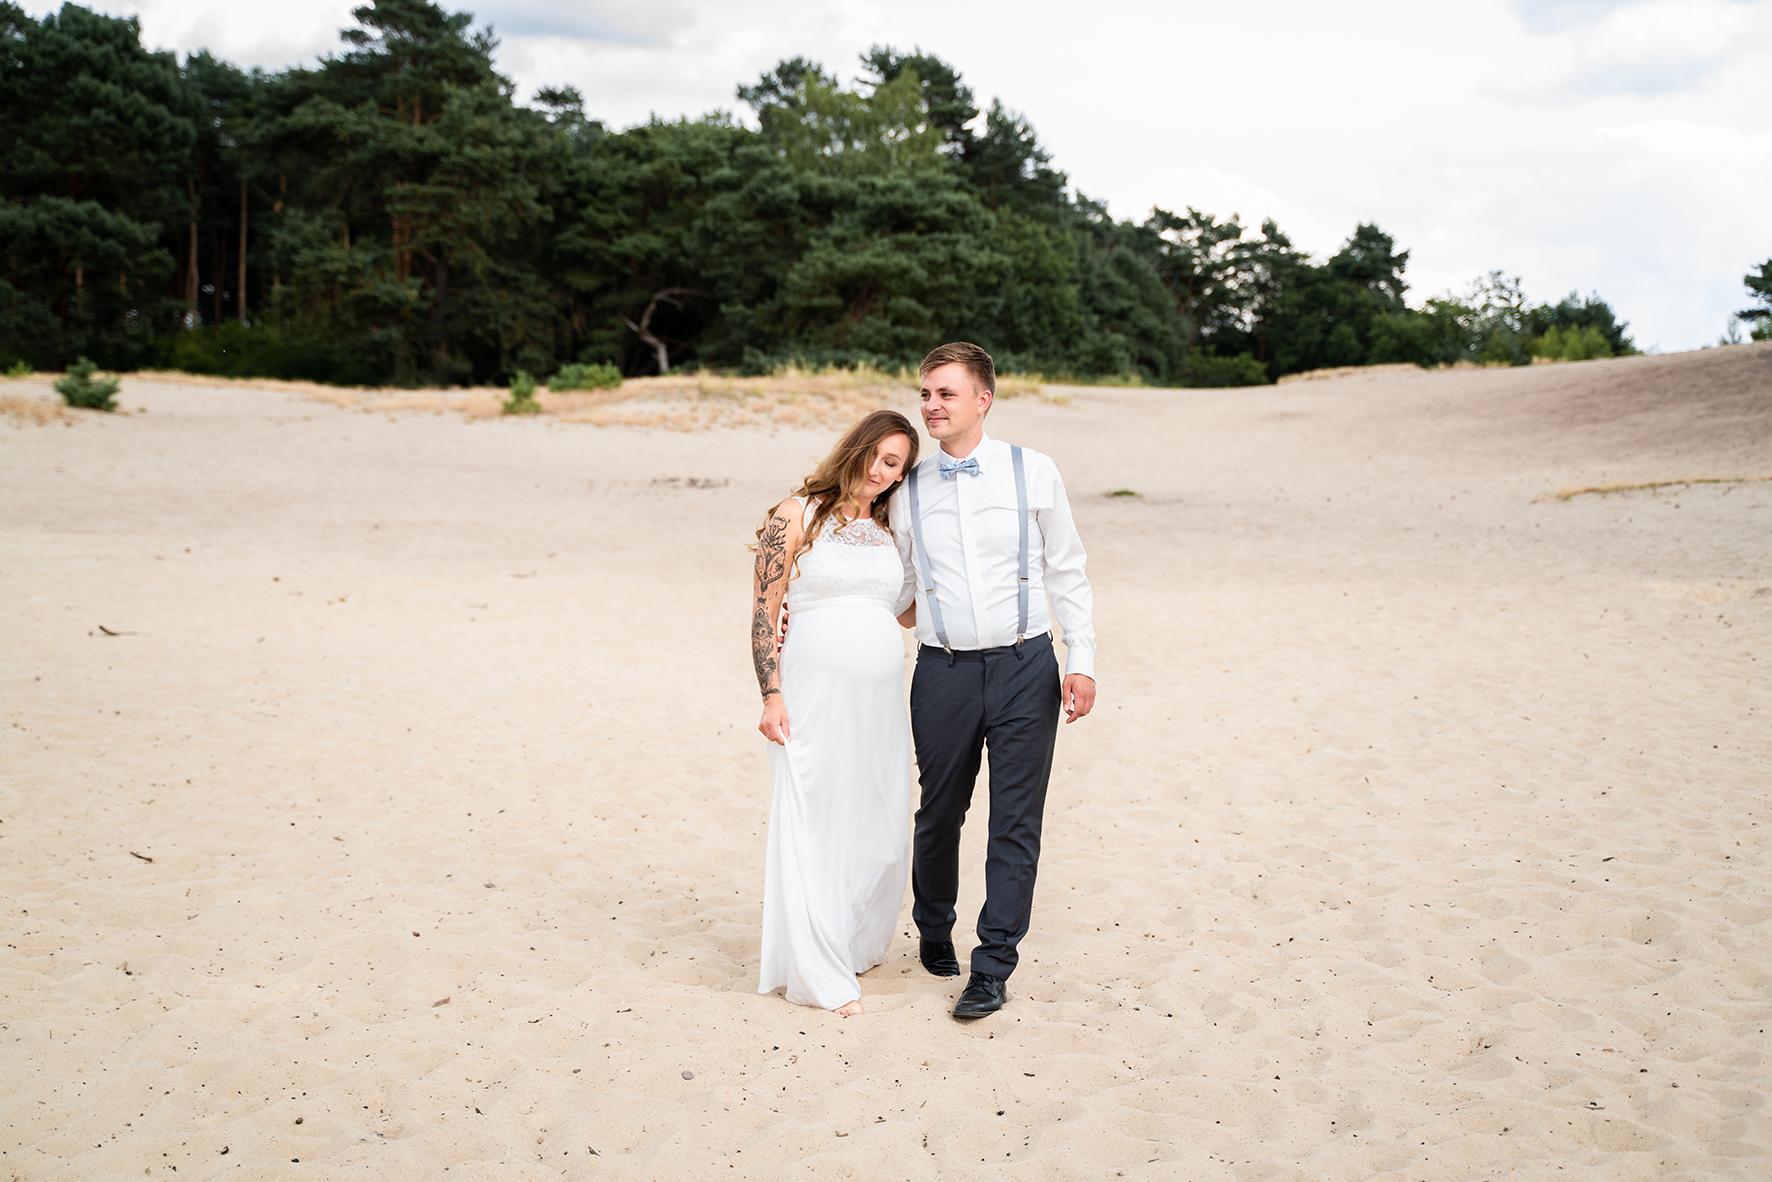 Spaziergang durch die Sanddünen Hochzeitsfotos Sottrum